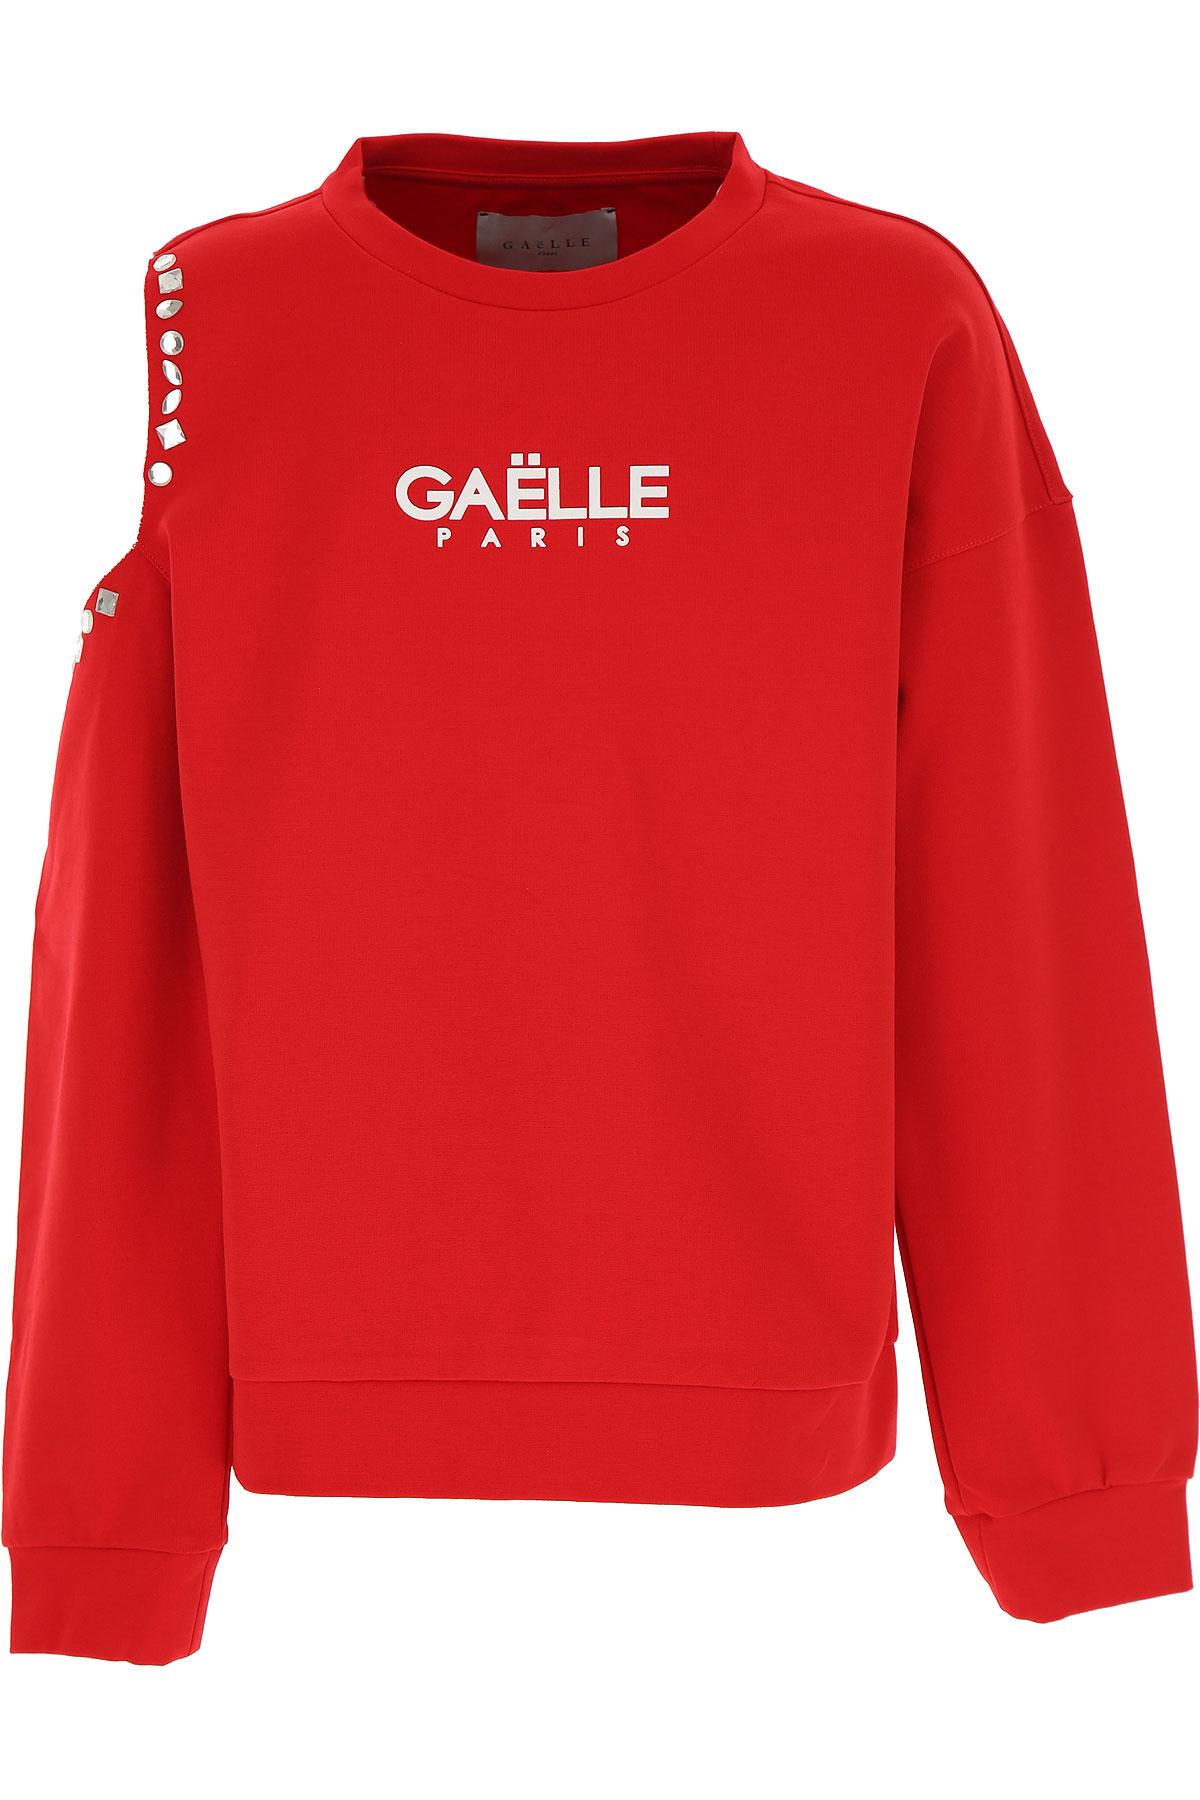 Gaelle Kids Sweatshirts & Hoodies for Girls On Sale, Red, Viscose, 2019, 10Y 12Y 14Y